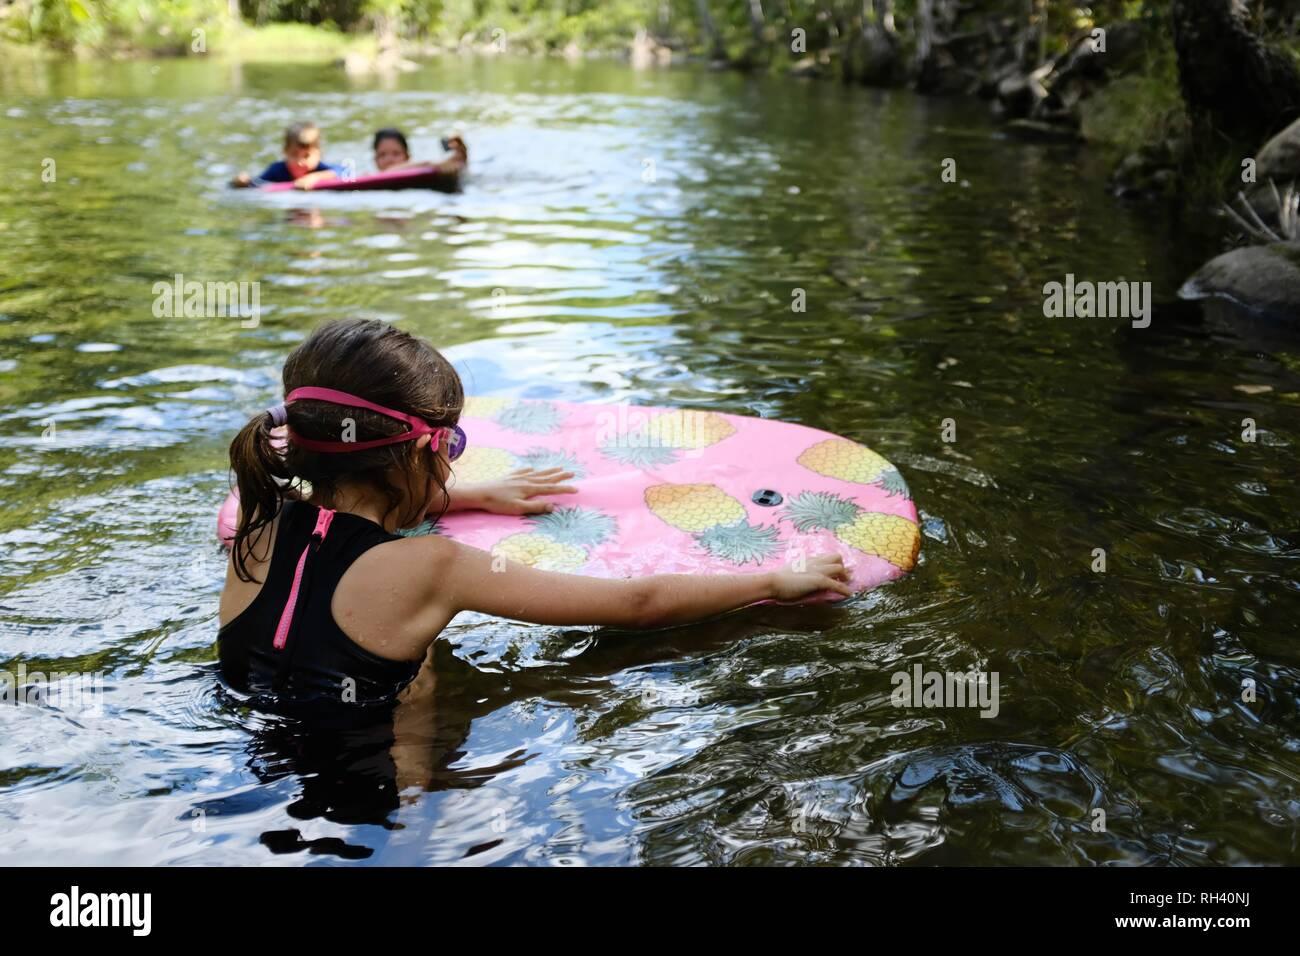 Niña de paletas en un boogie board con su familia en el fondo, Finch Hatton, Queensland, Australia 4756. Foto de stock